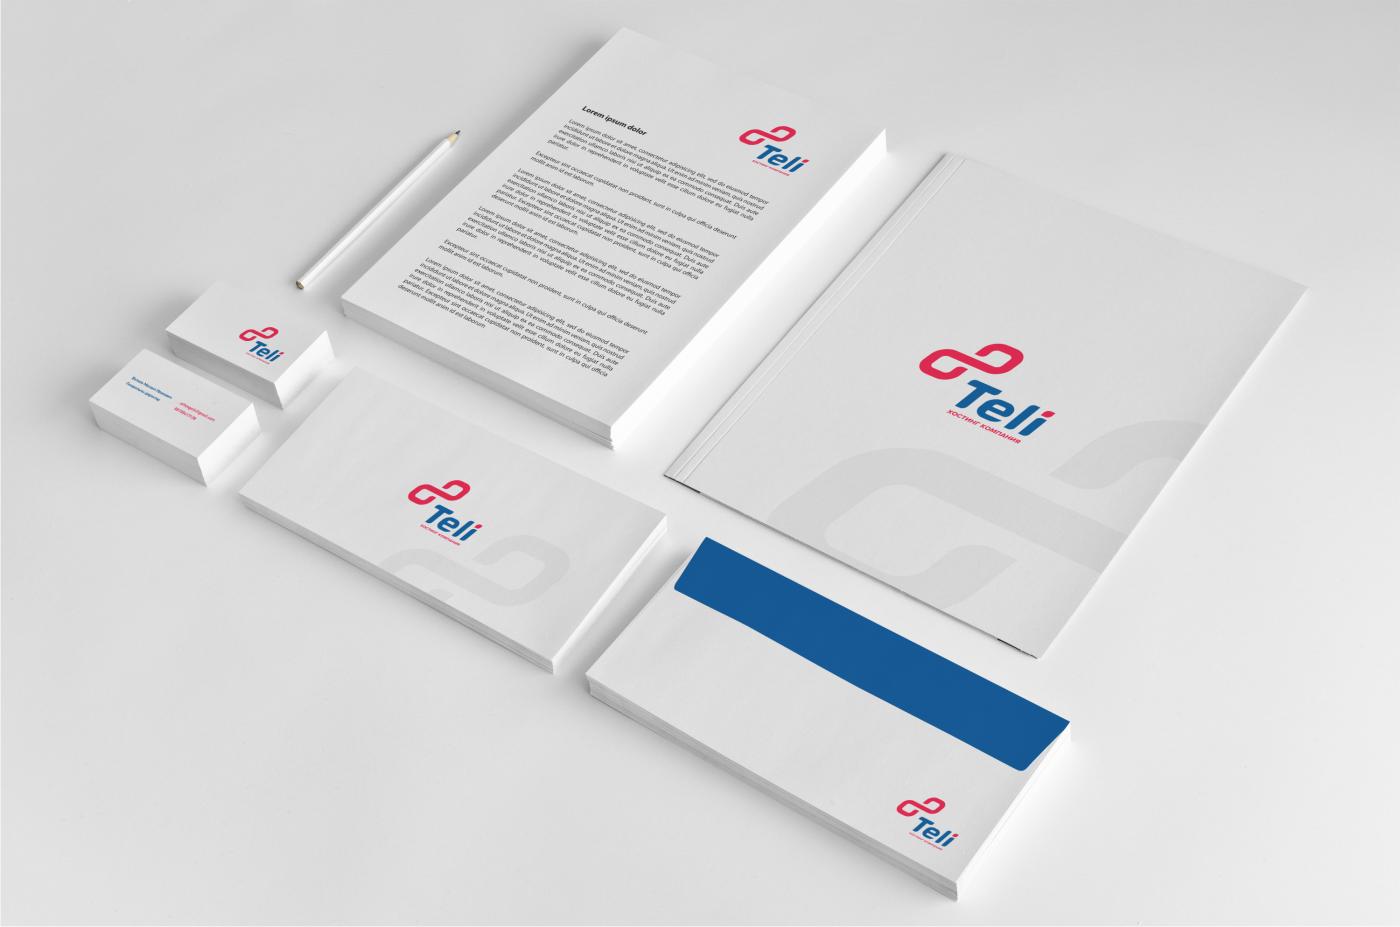 Разработка логотипа и фирменного стиля фото f_0285903404948abd.png